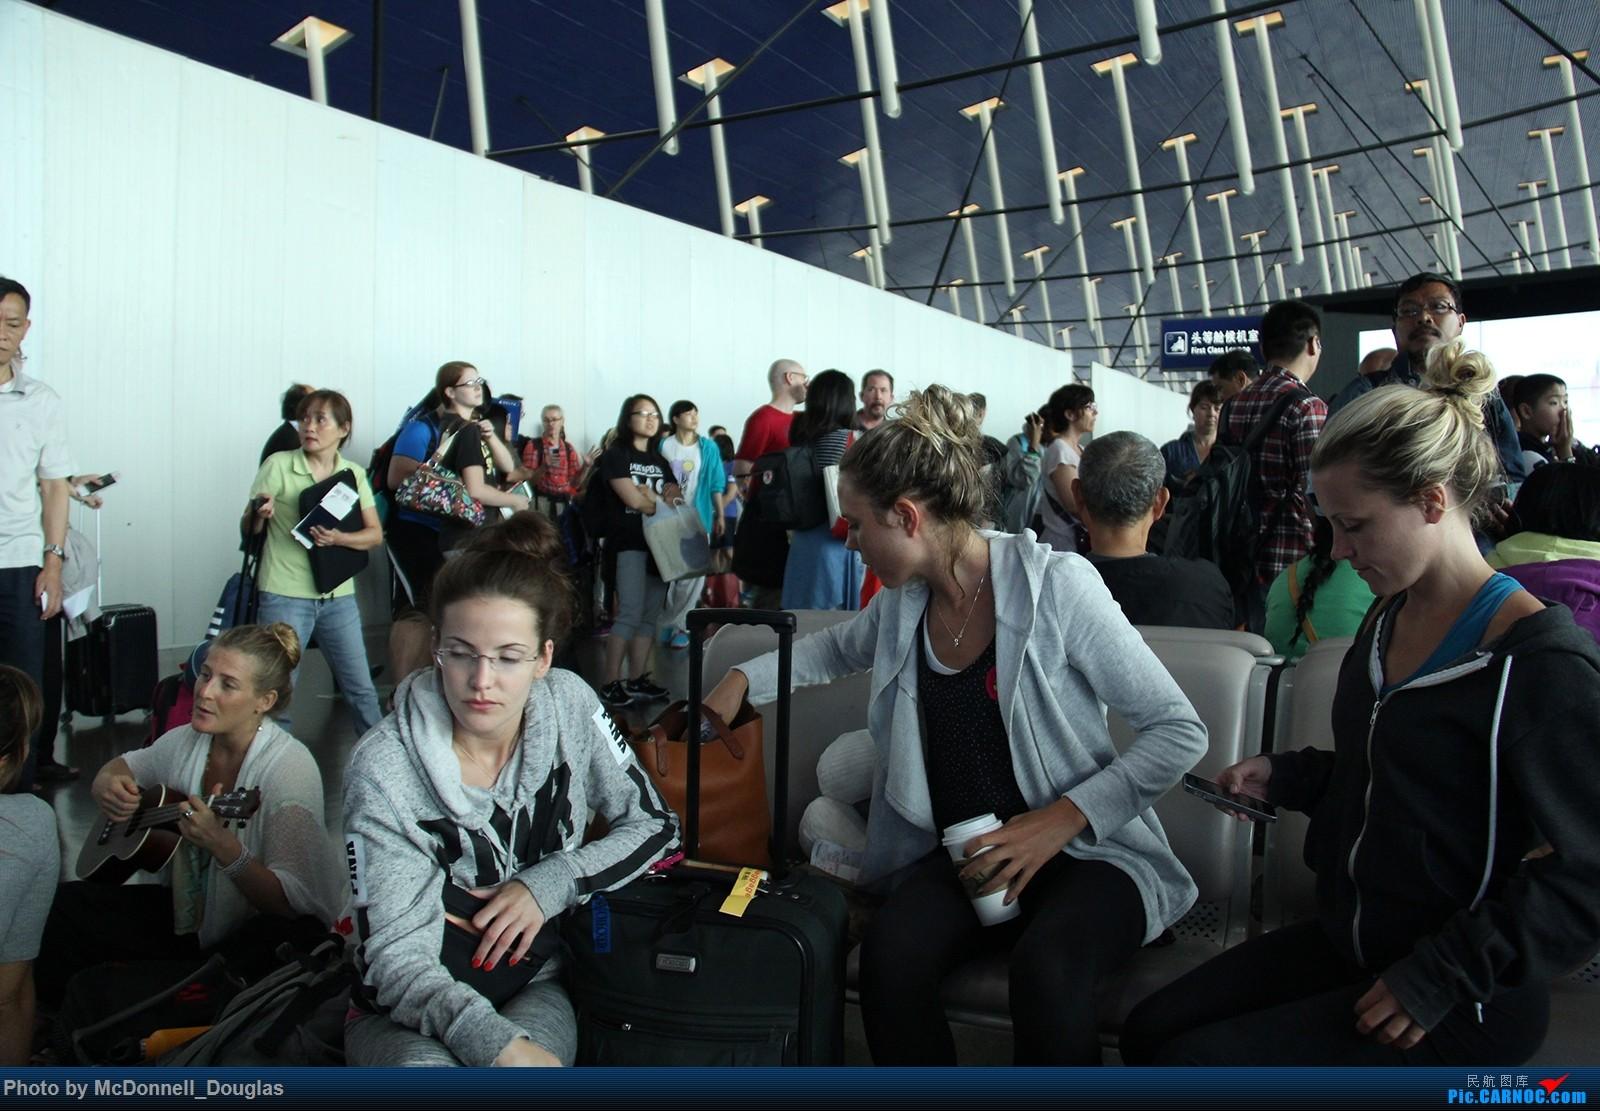 [原创]【上海飞友会】【zc带你走天下(1)】芝加哥三日游,梦寐以求的圣马丁,体验世界最难降落机场其中两个,达美飞行博物馆,帖尾有好东西    中国上海浦东国际机场